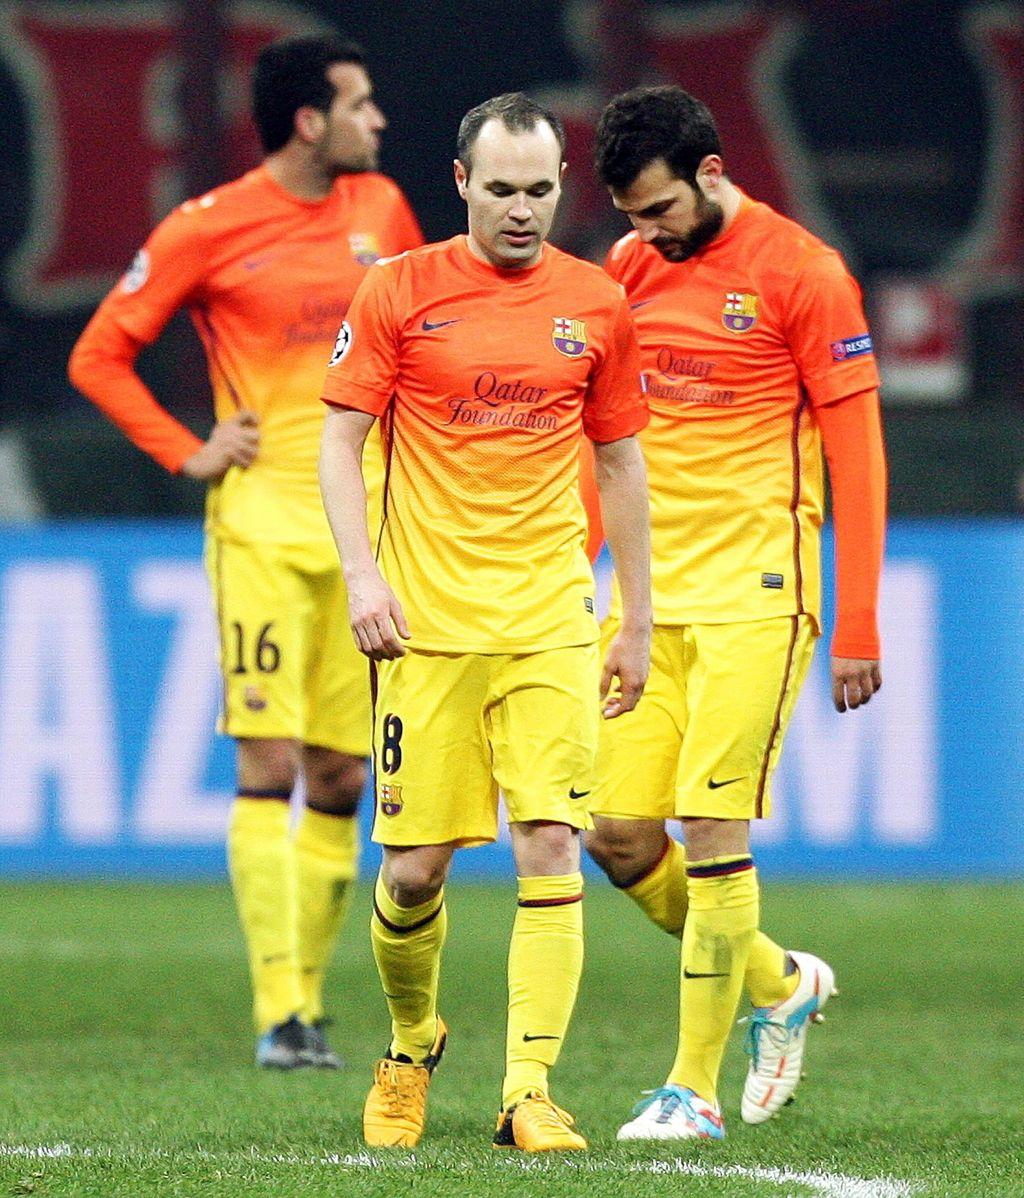 Los centrocampistas del FC Barcelona, Andres Iniesta y Cesc Fábregas (dcha), se lamentan tras recibir un gol del AC Milan, durante el partido de ida de los octavos de final de la Liga de Campeones disputado en el estadio Giuseppe Meazza de Milán